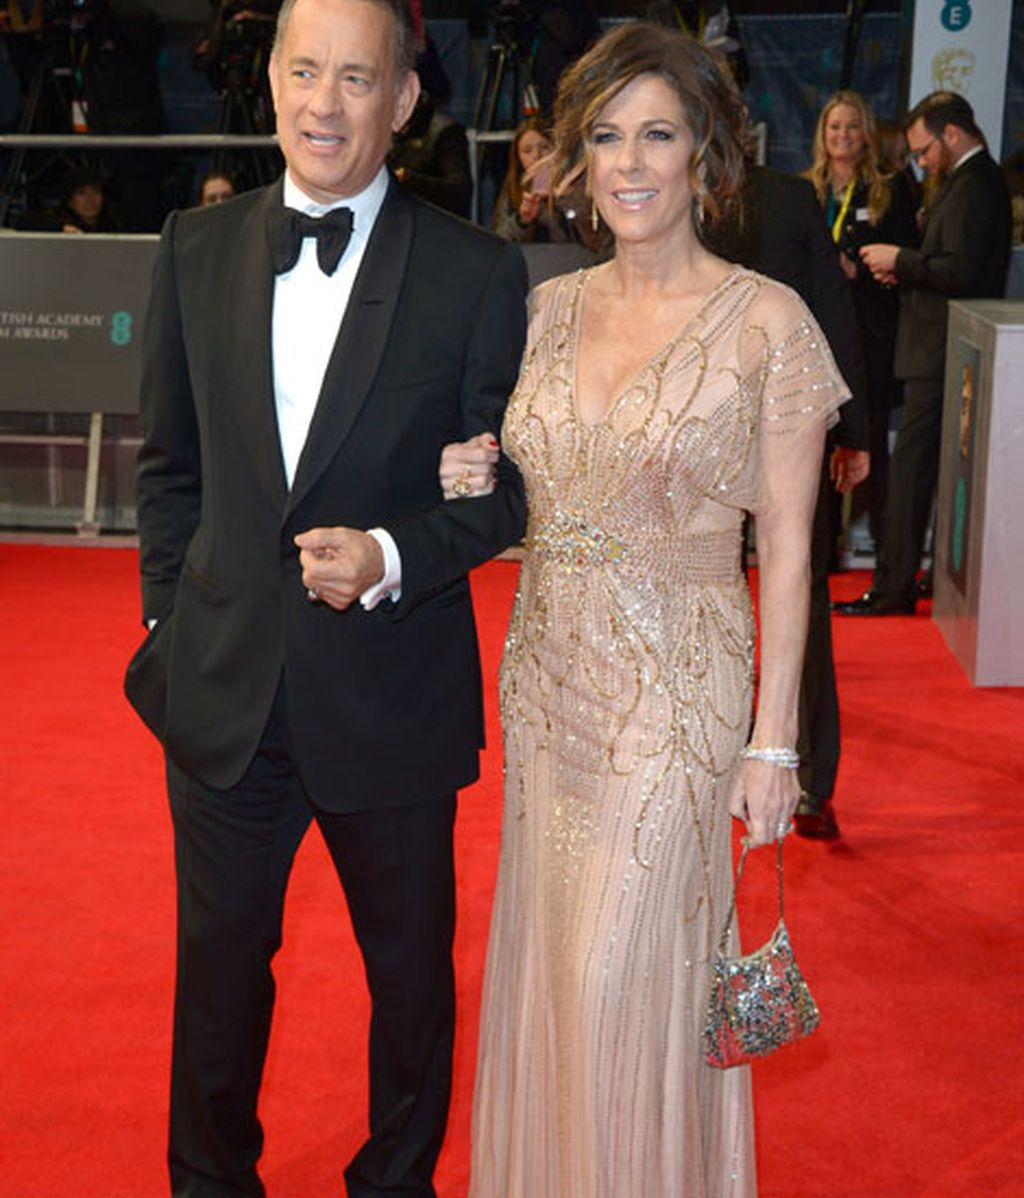 El actor Tom Hanks posa junto a su mujer, Rita Wilson